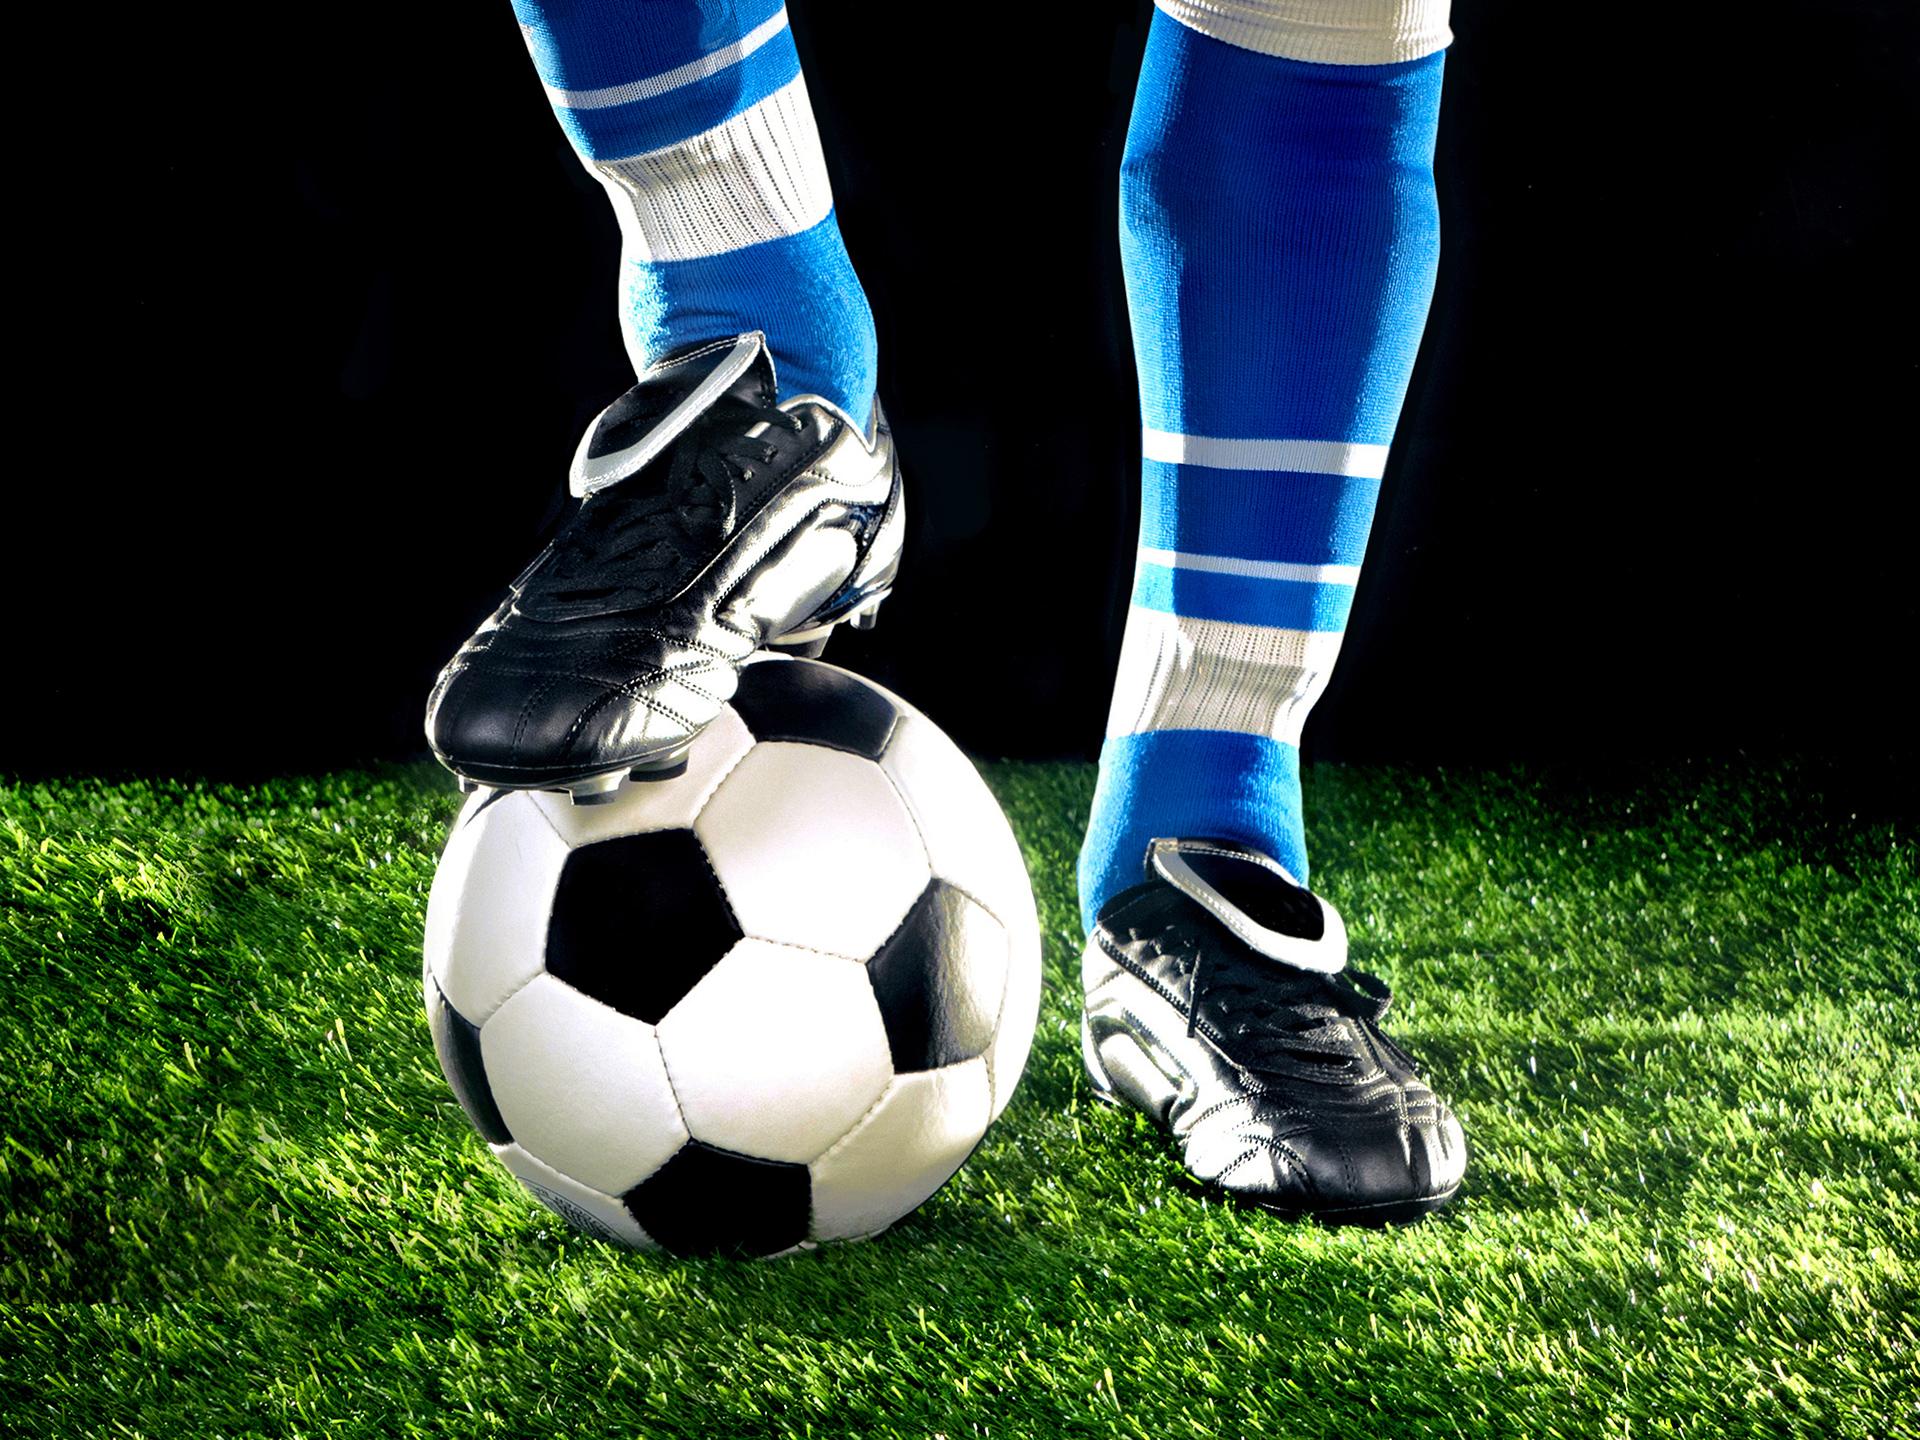 サッカー・フットサル専門ケアのご案内|東京・三鷹のヘルスラボスポーツ